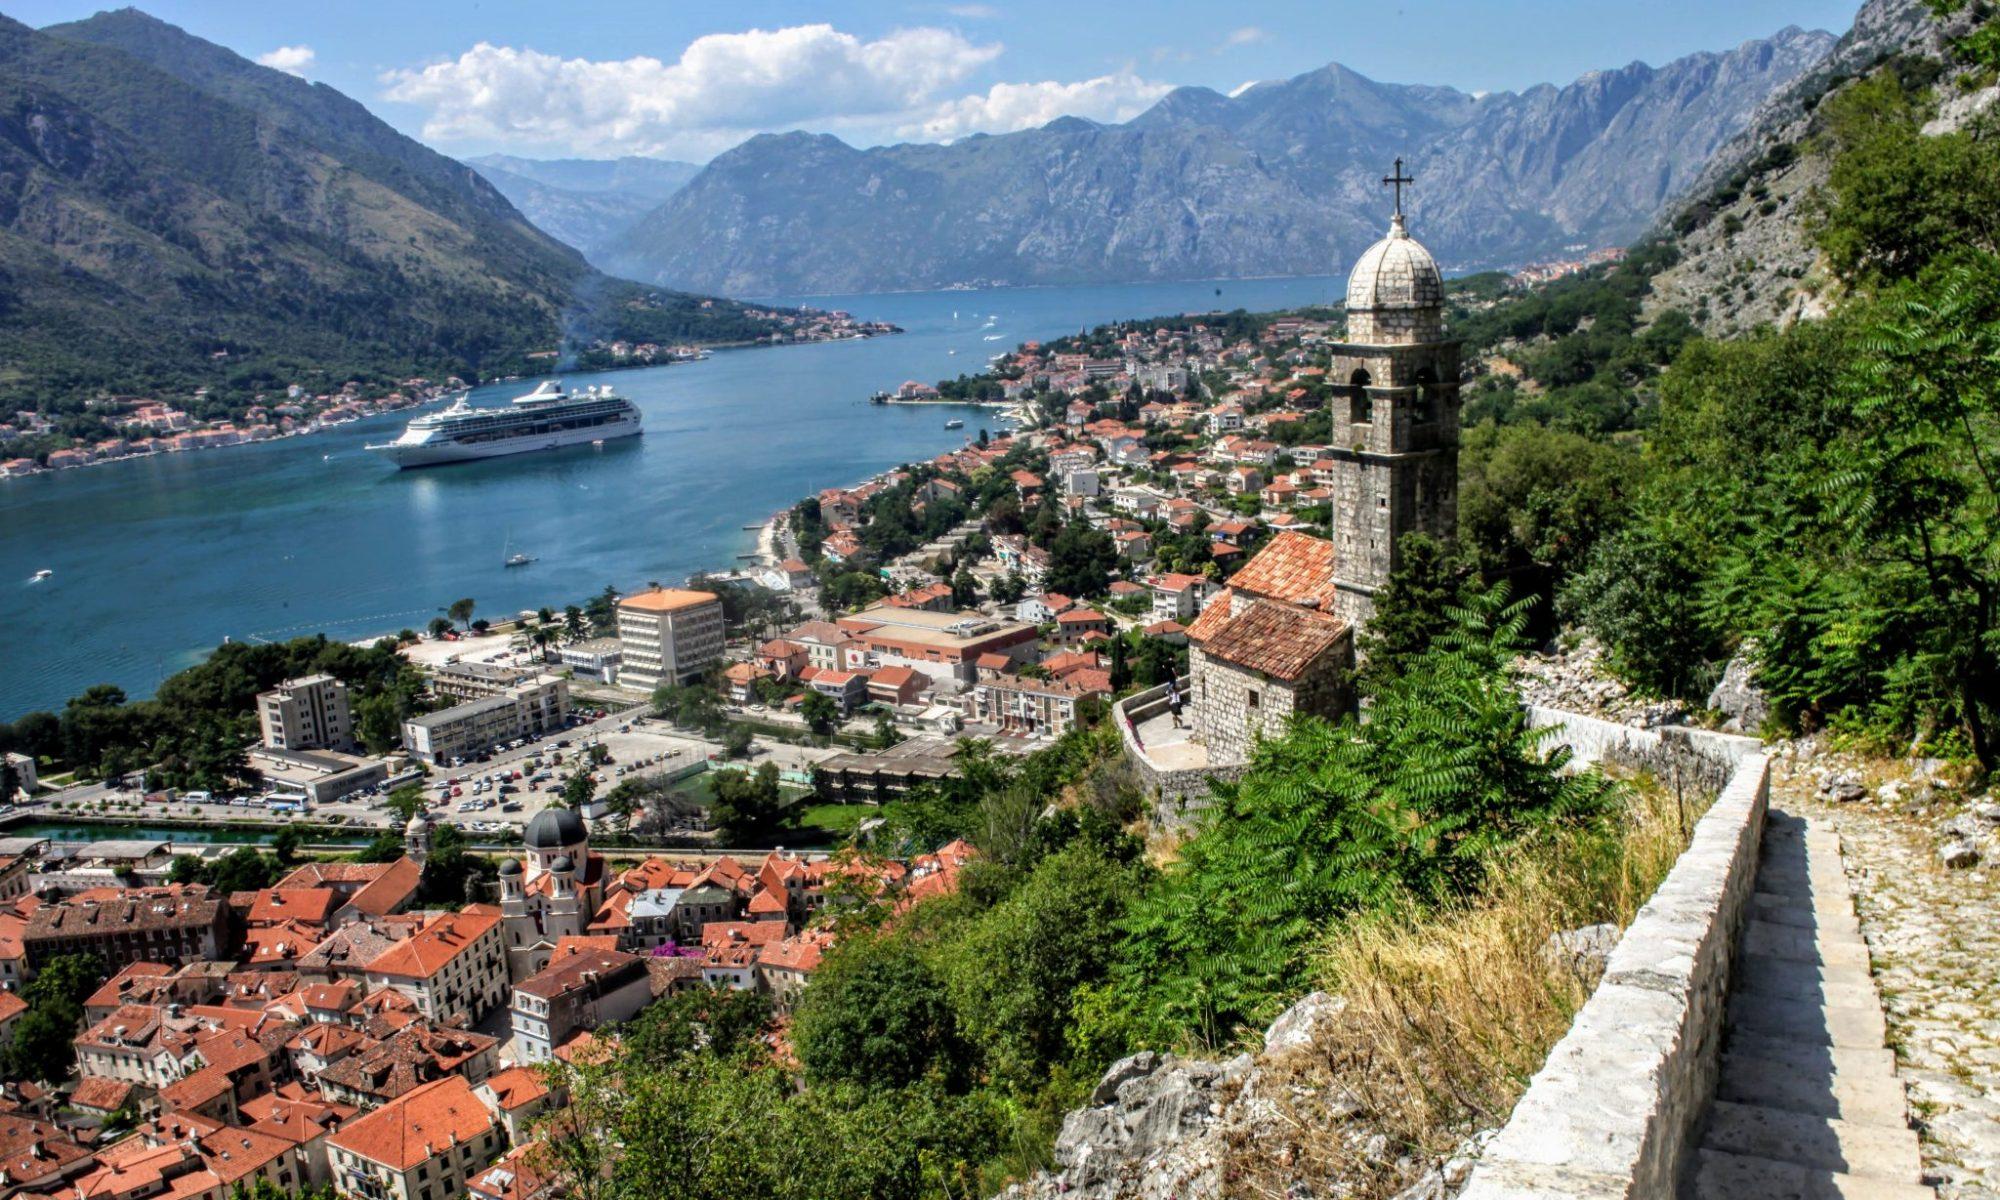 Cruise ship in Kotor, Montenegro